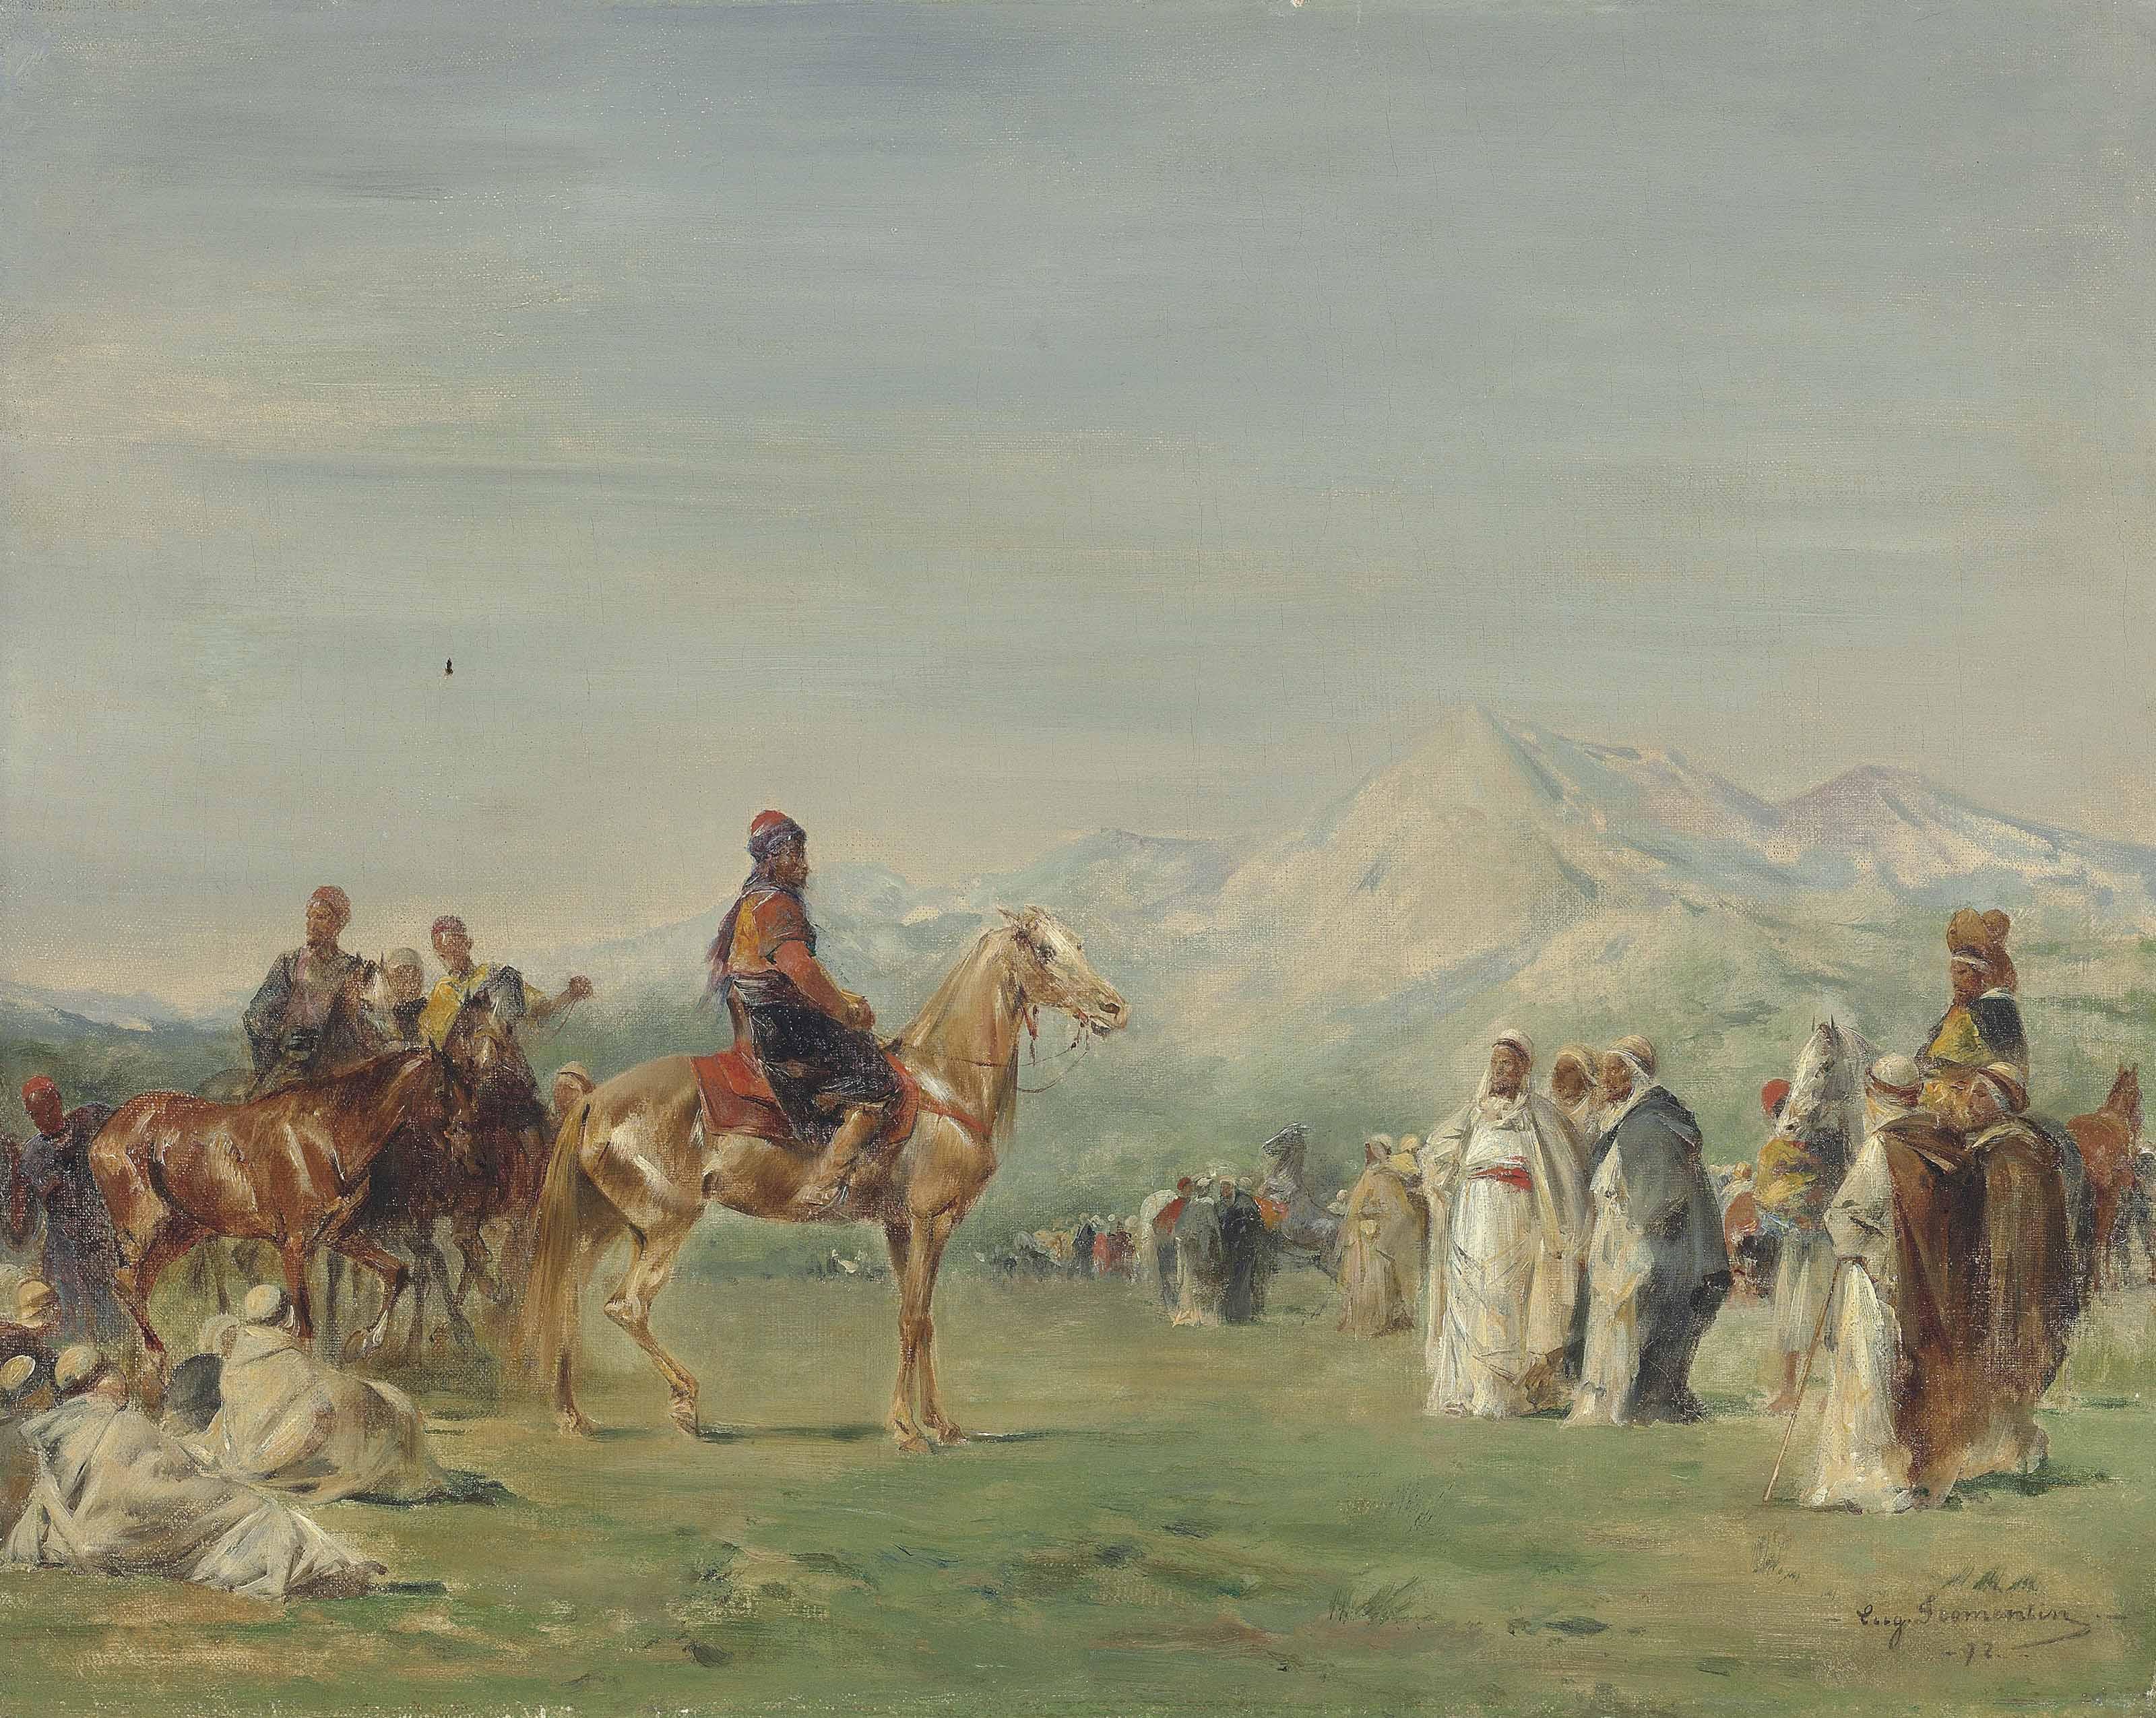 Campement arabe dans les montagnes de l'Atlas